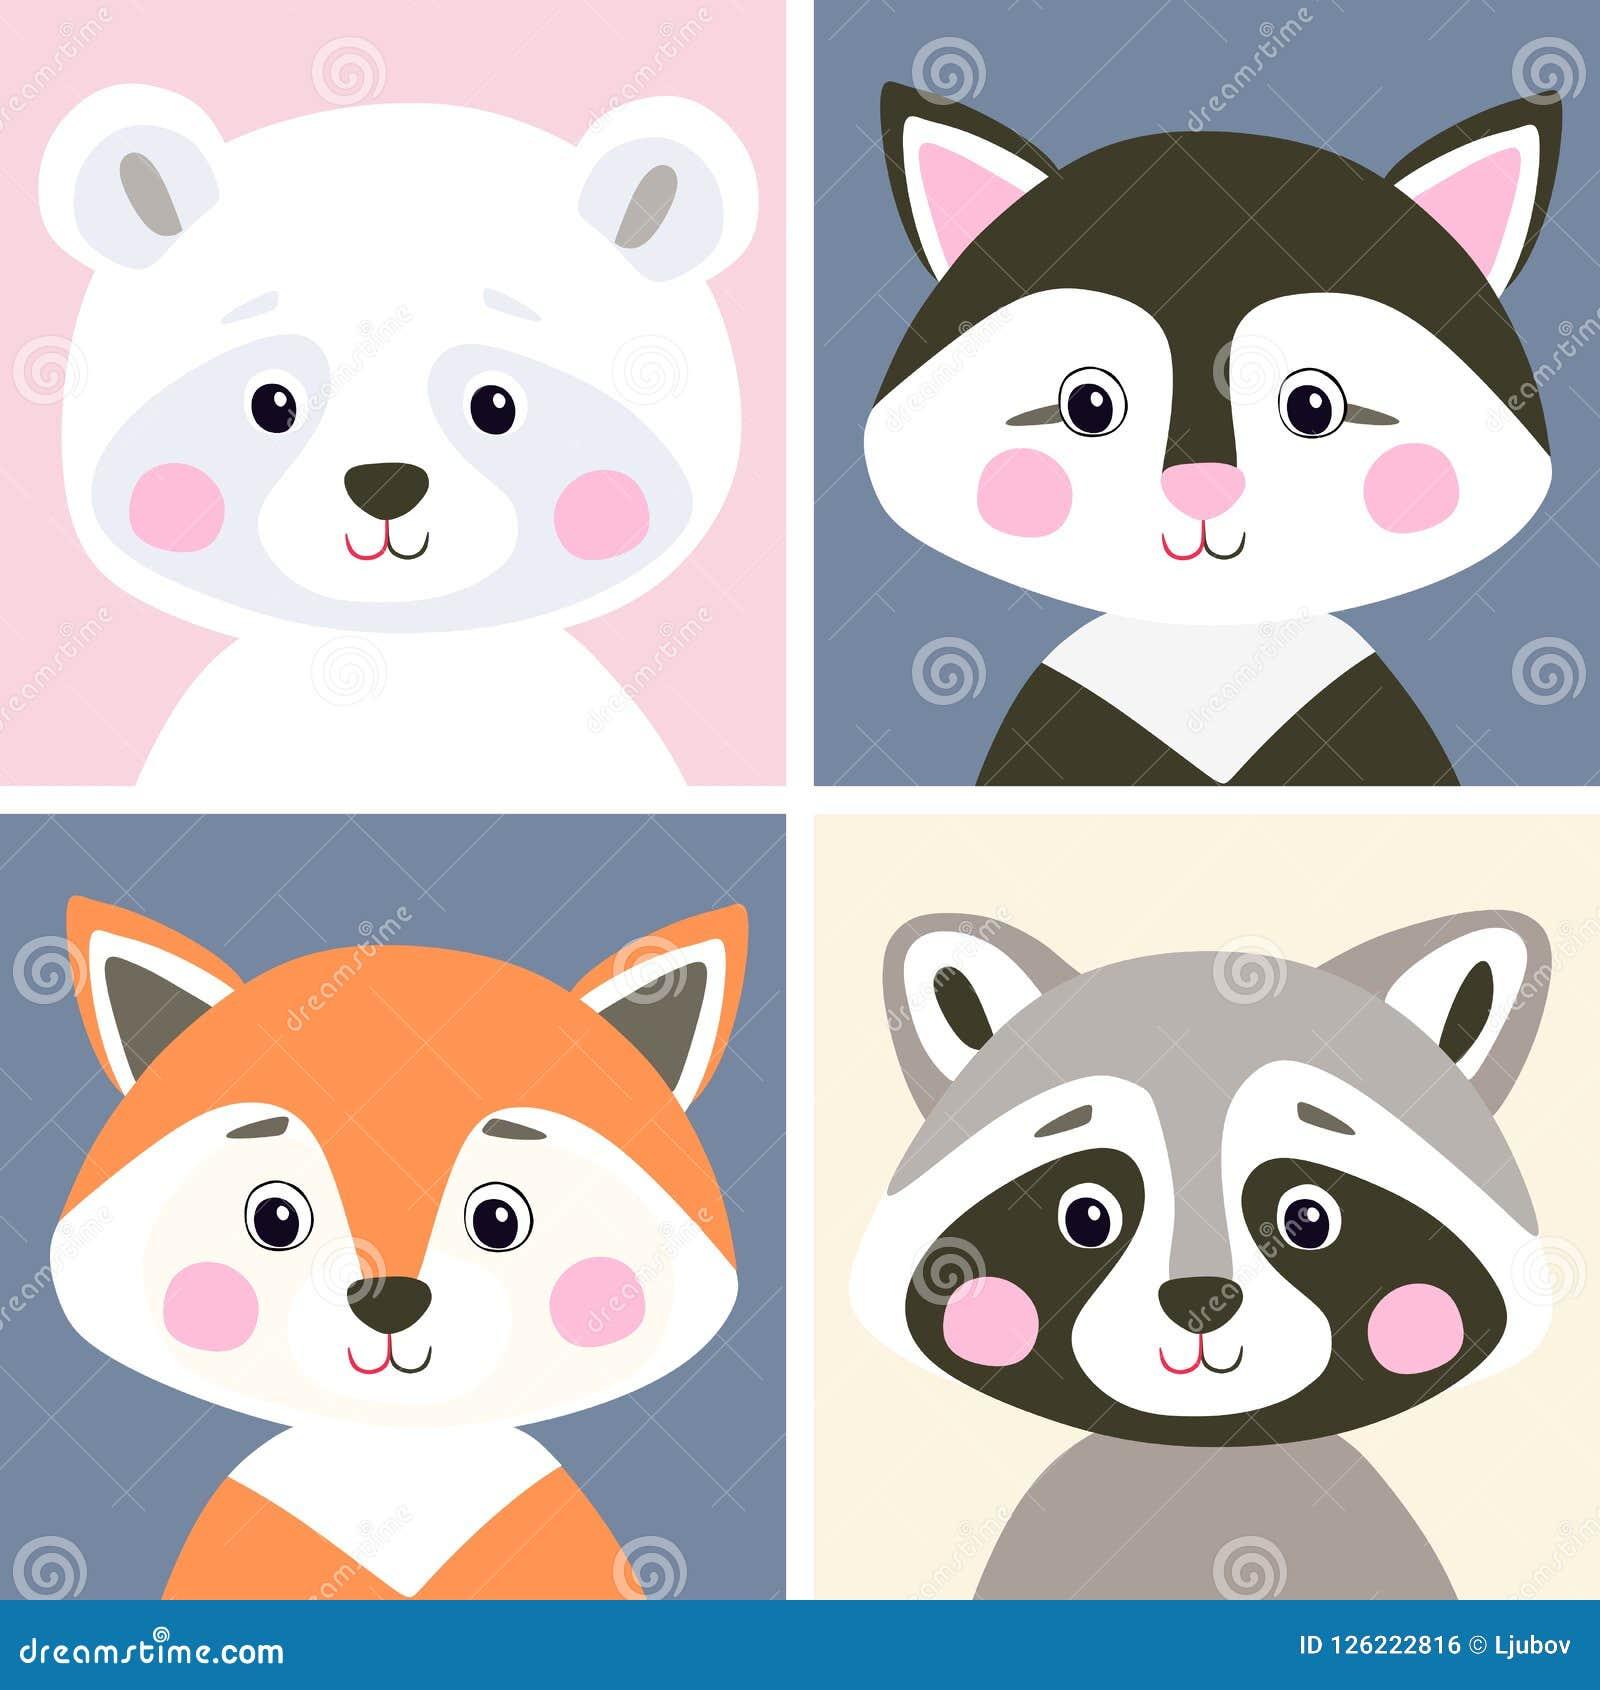 Комплект вектора милого полесья и домашних животных Смешной полярный медведь, котенок, лиса и енот в плоском стиле